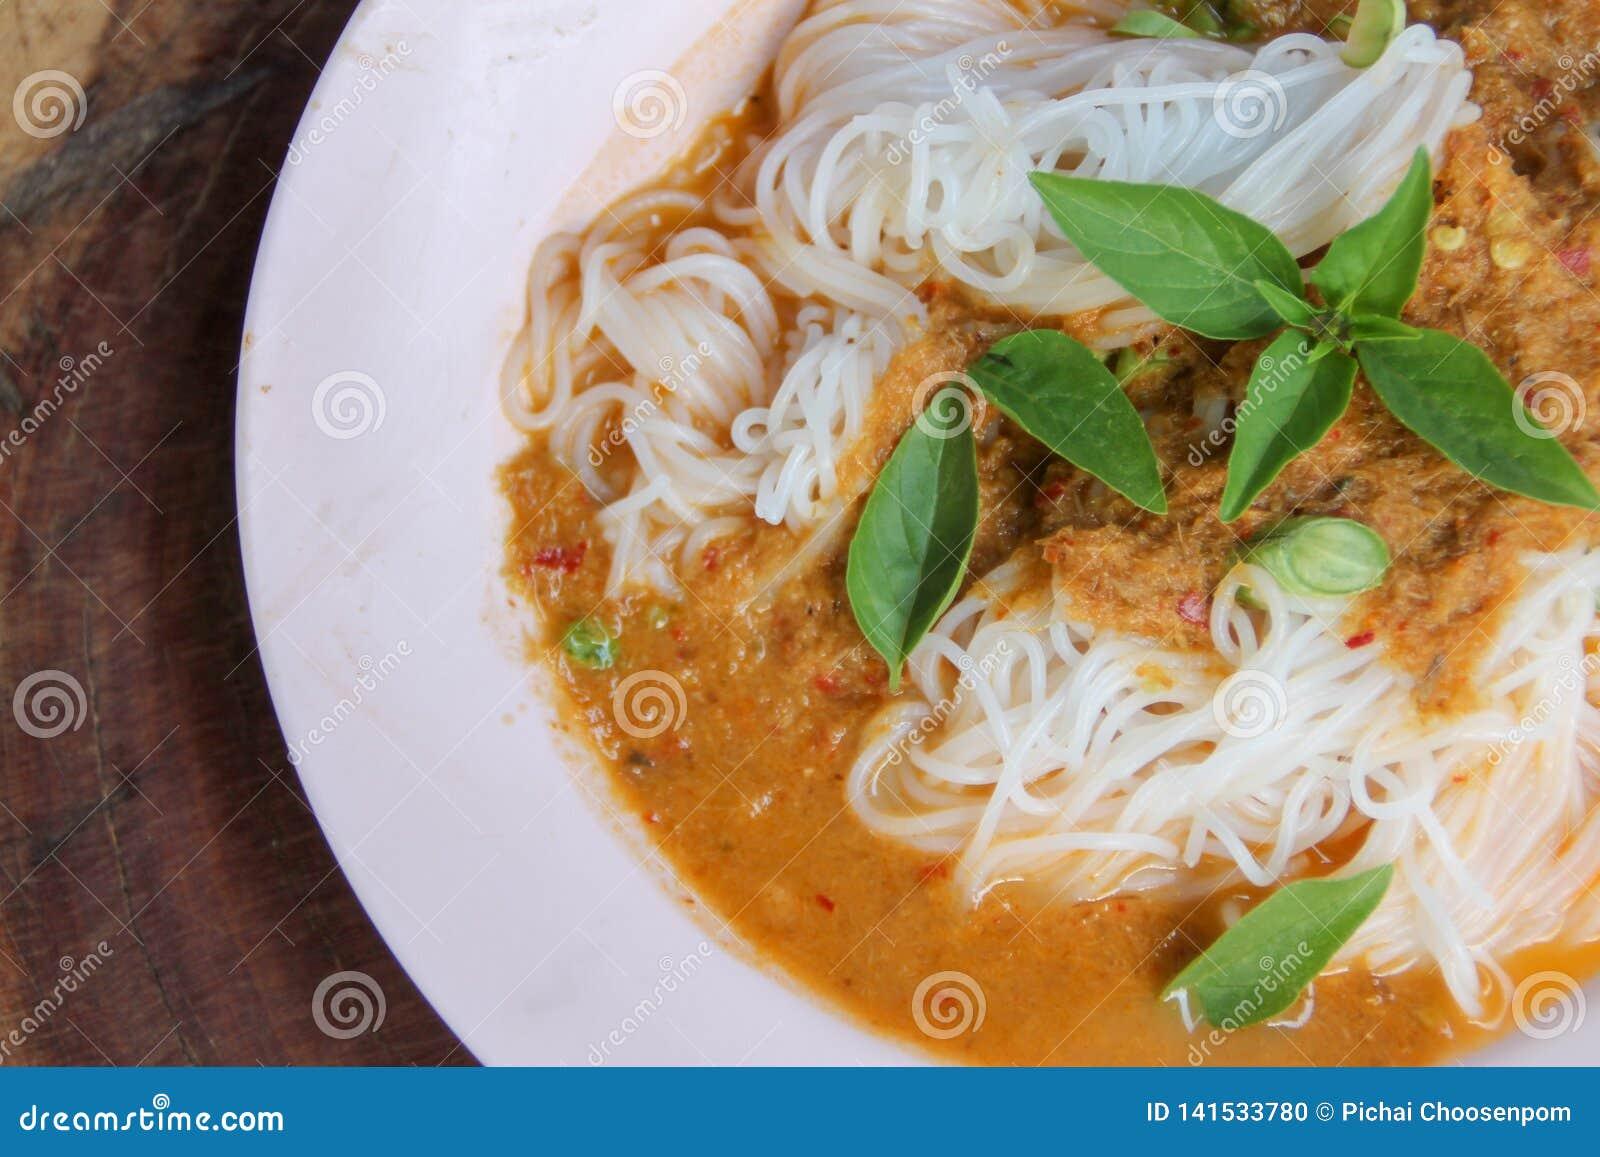 Le tagliatelle fresche con curry tailandese piccante è un alimento locale in del sud della Tailandia